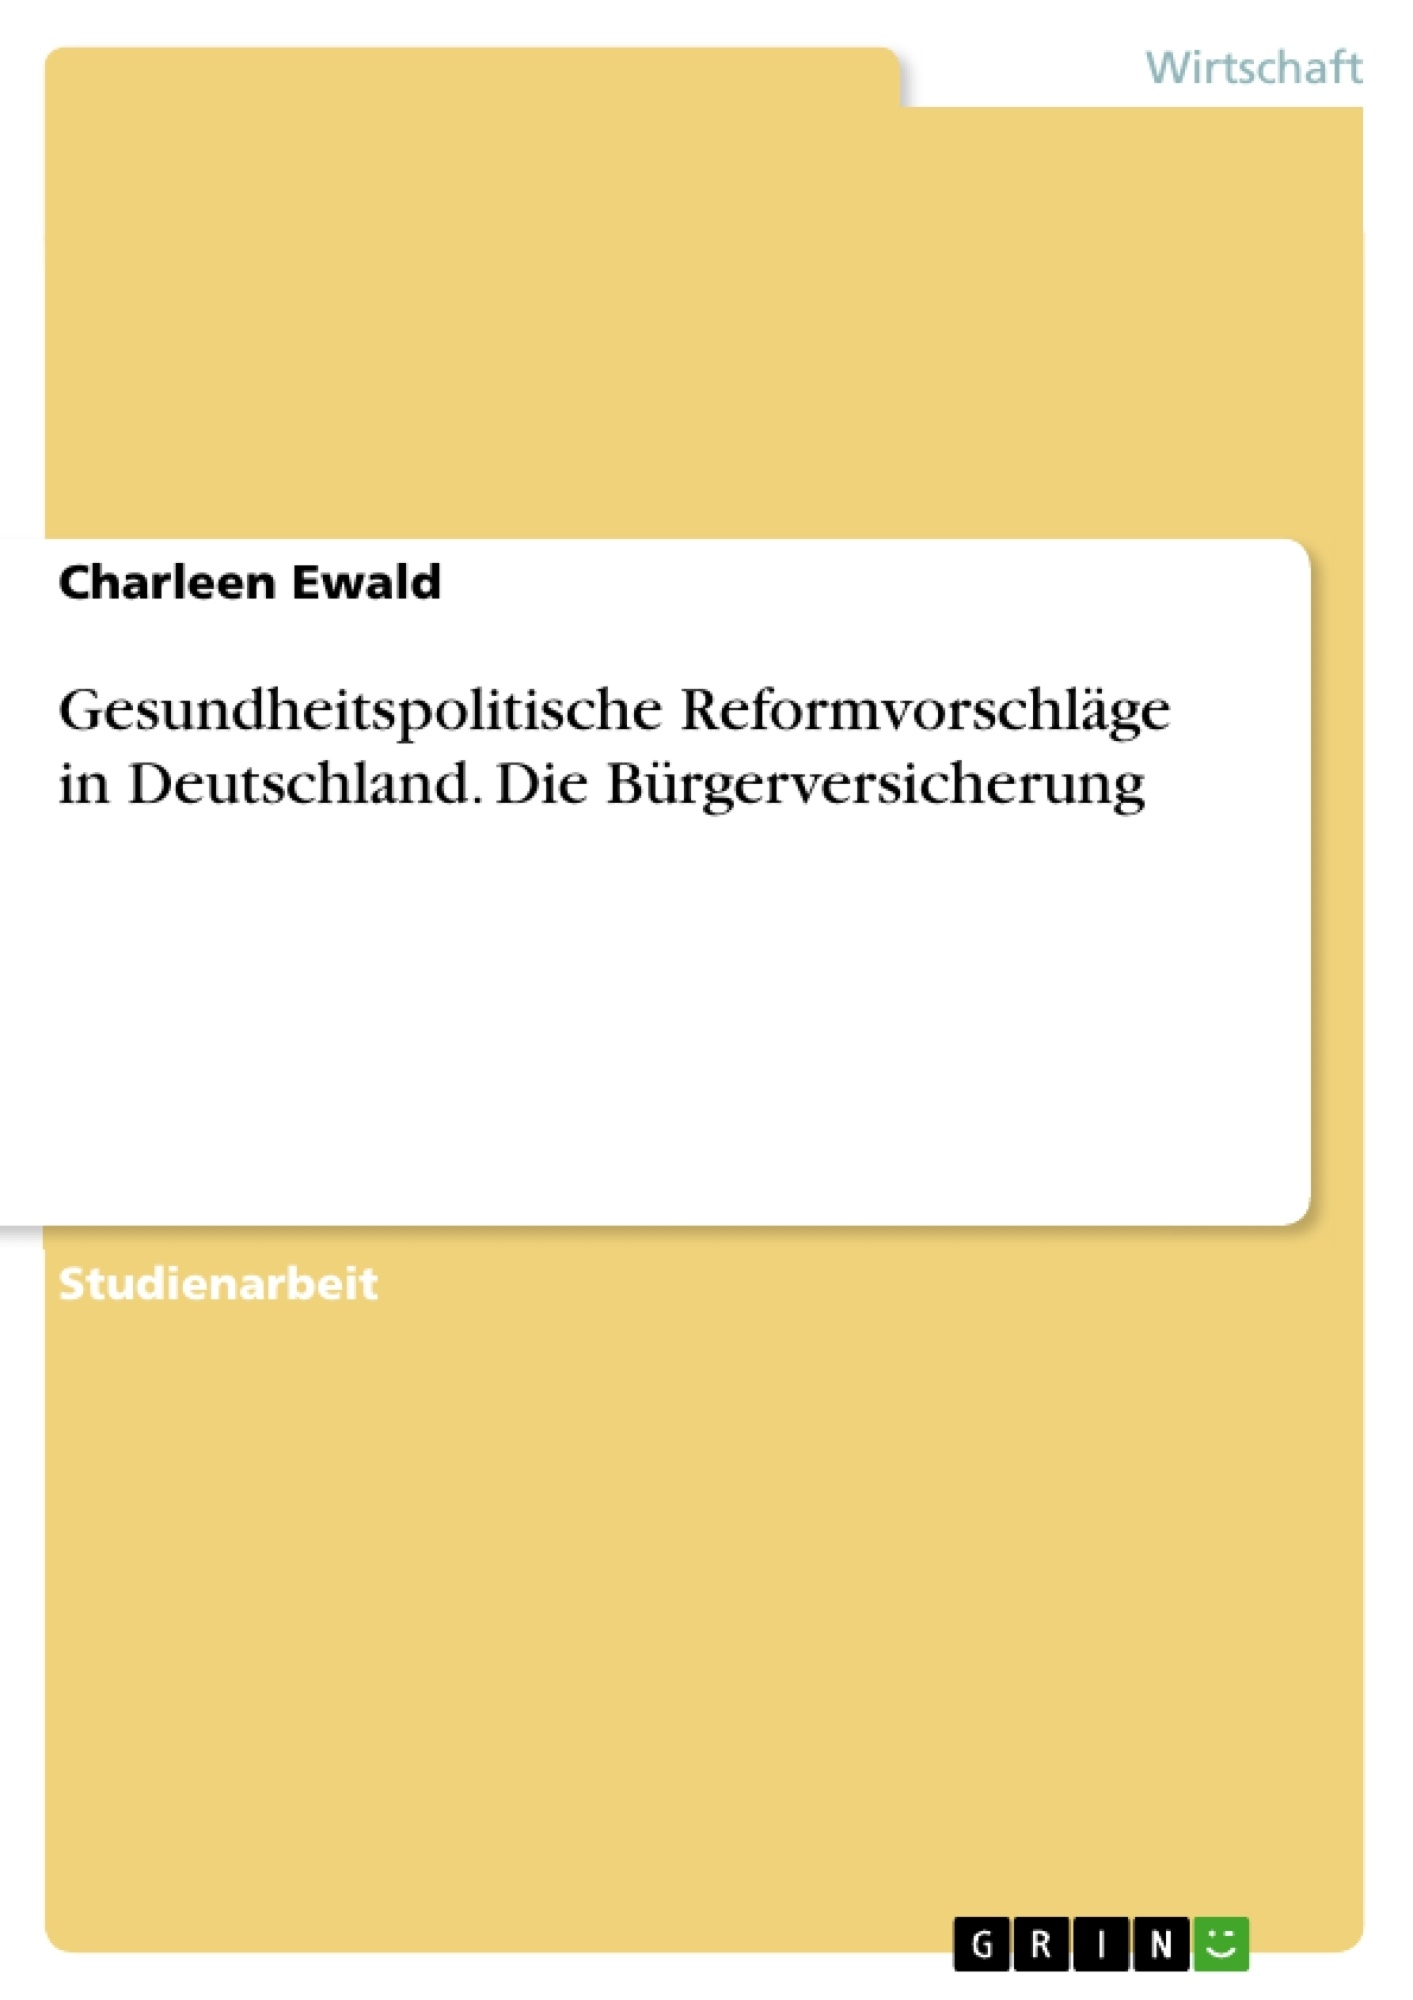 Titel: Gesundheitspolitische Reformvorschläge in Deutschland. Die Bürgerversicherung